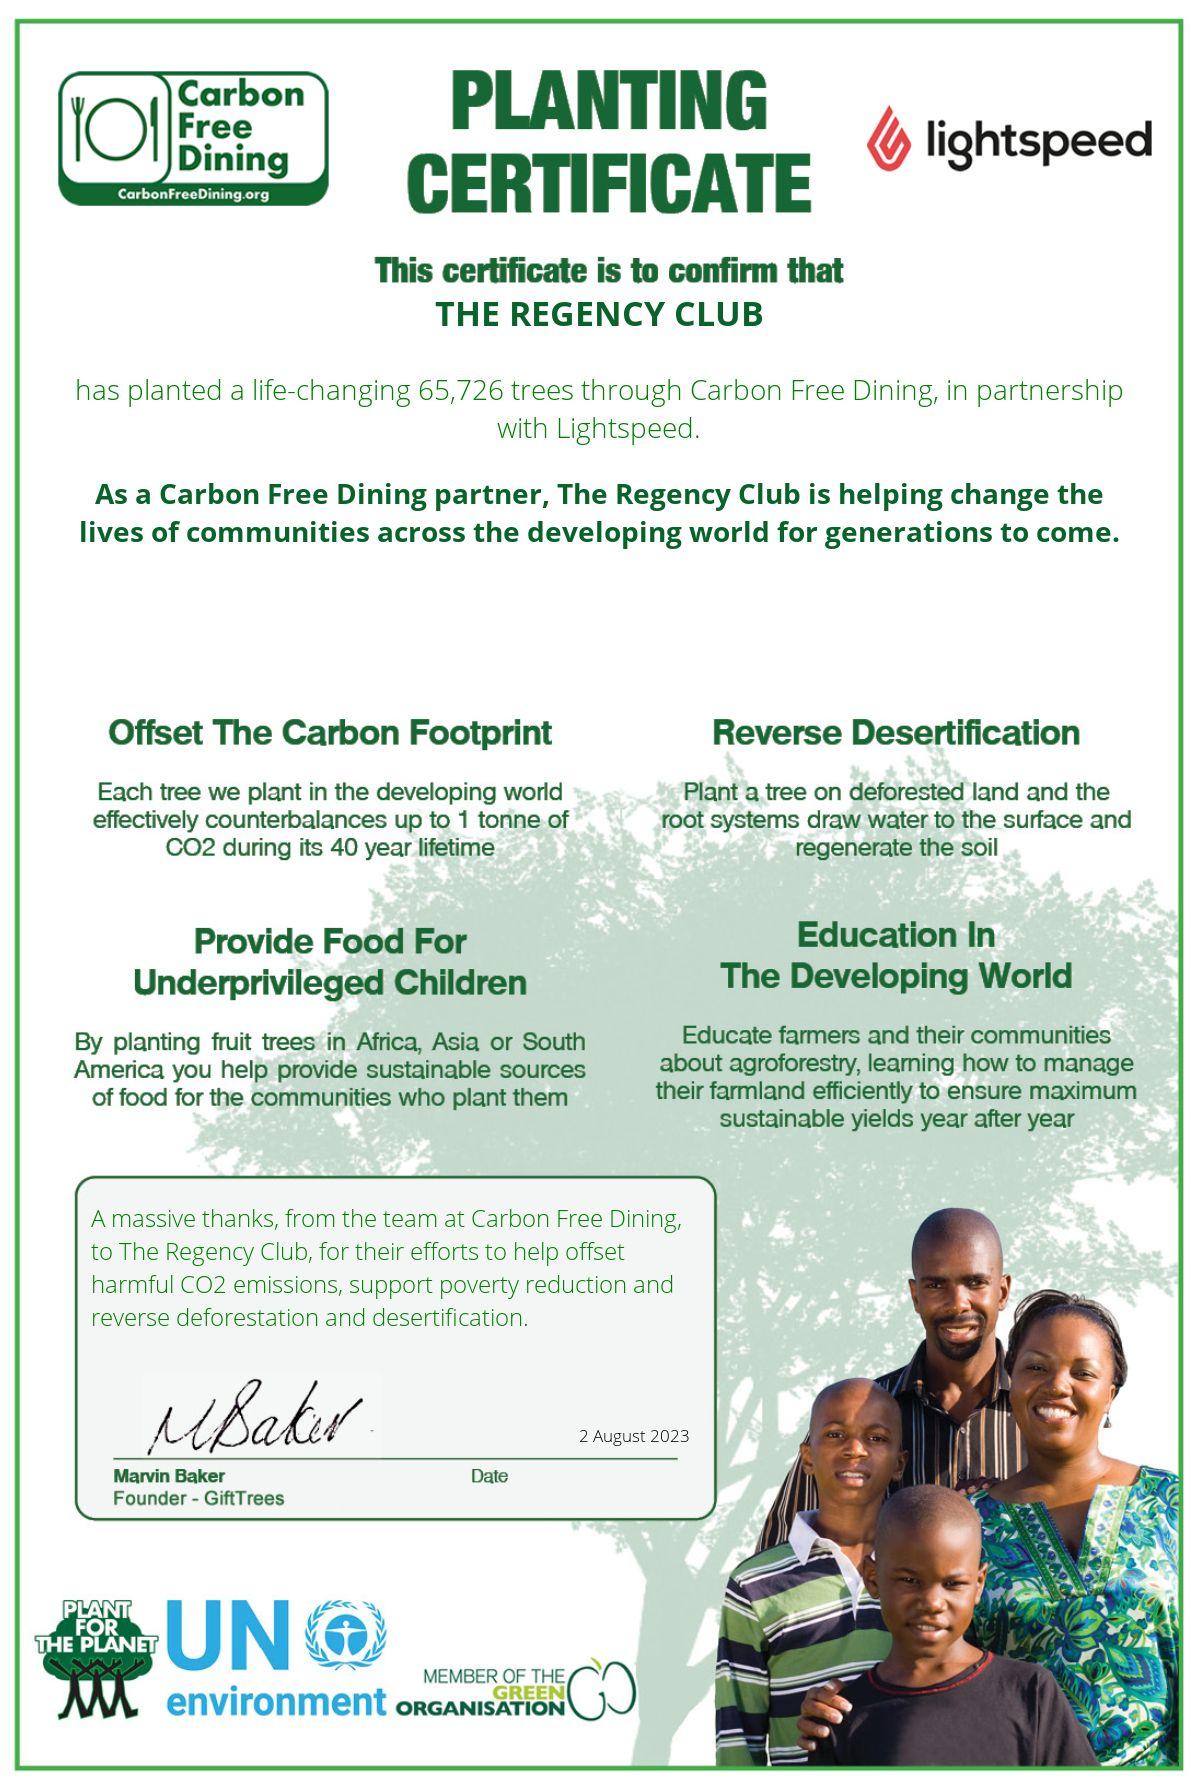 De Regency Club